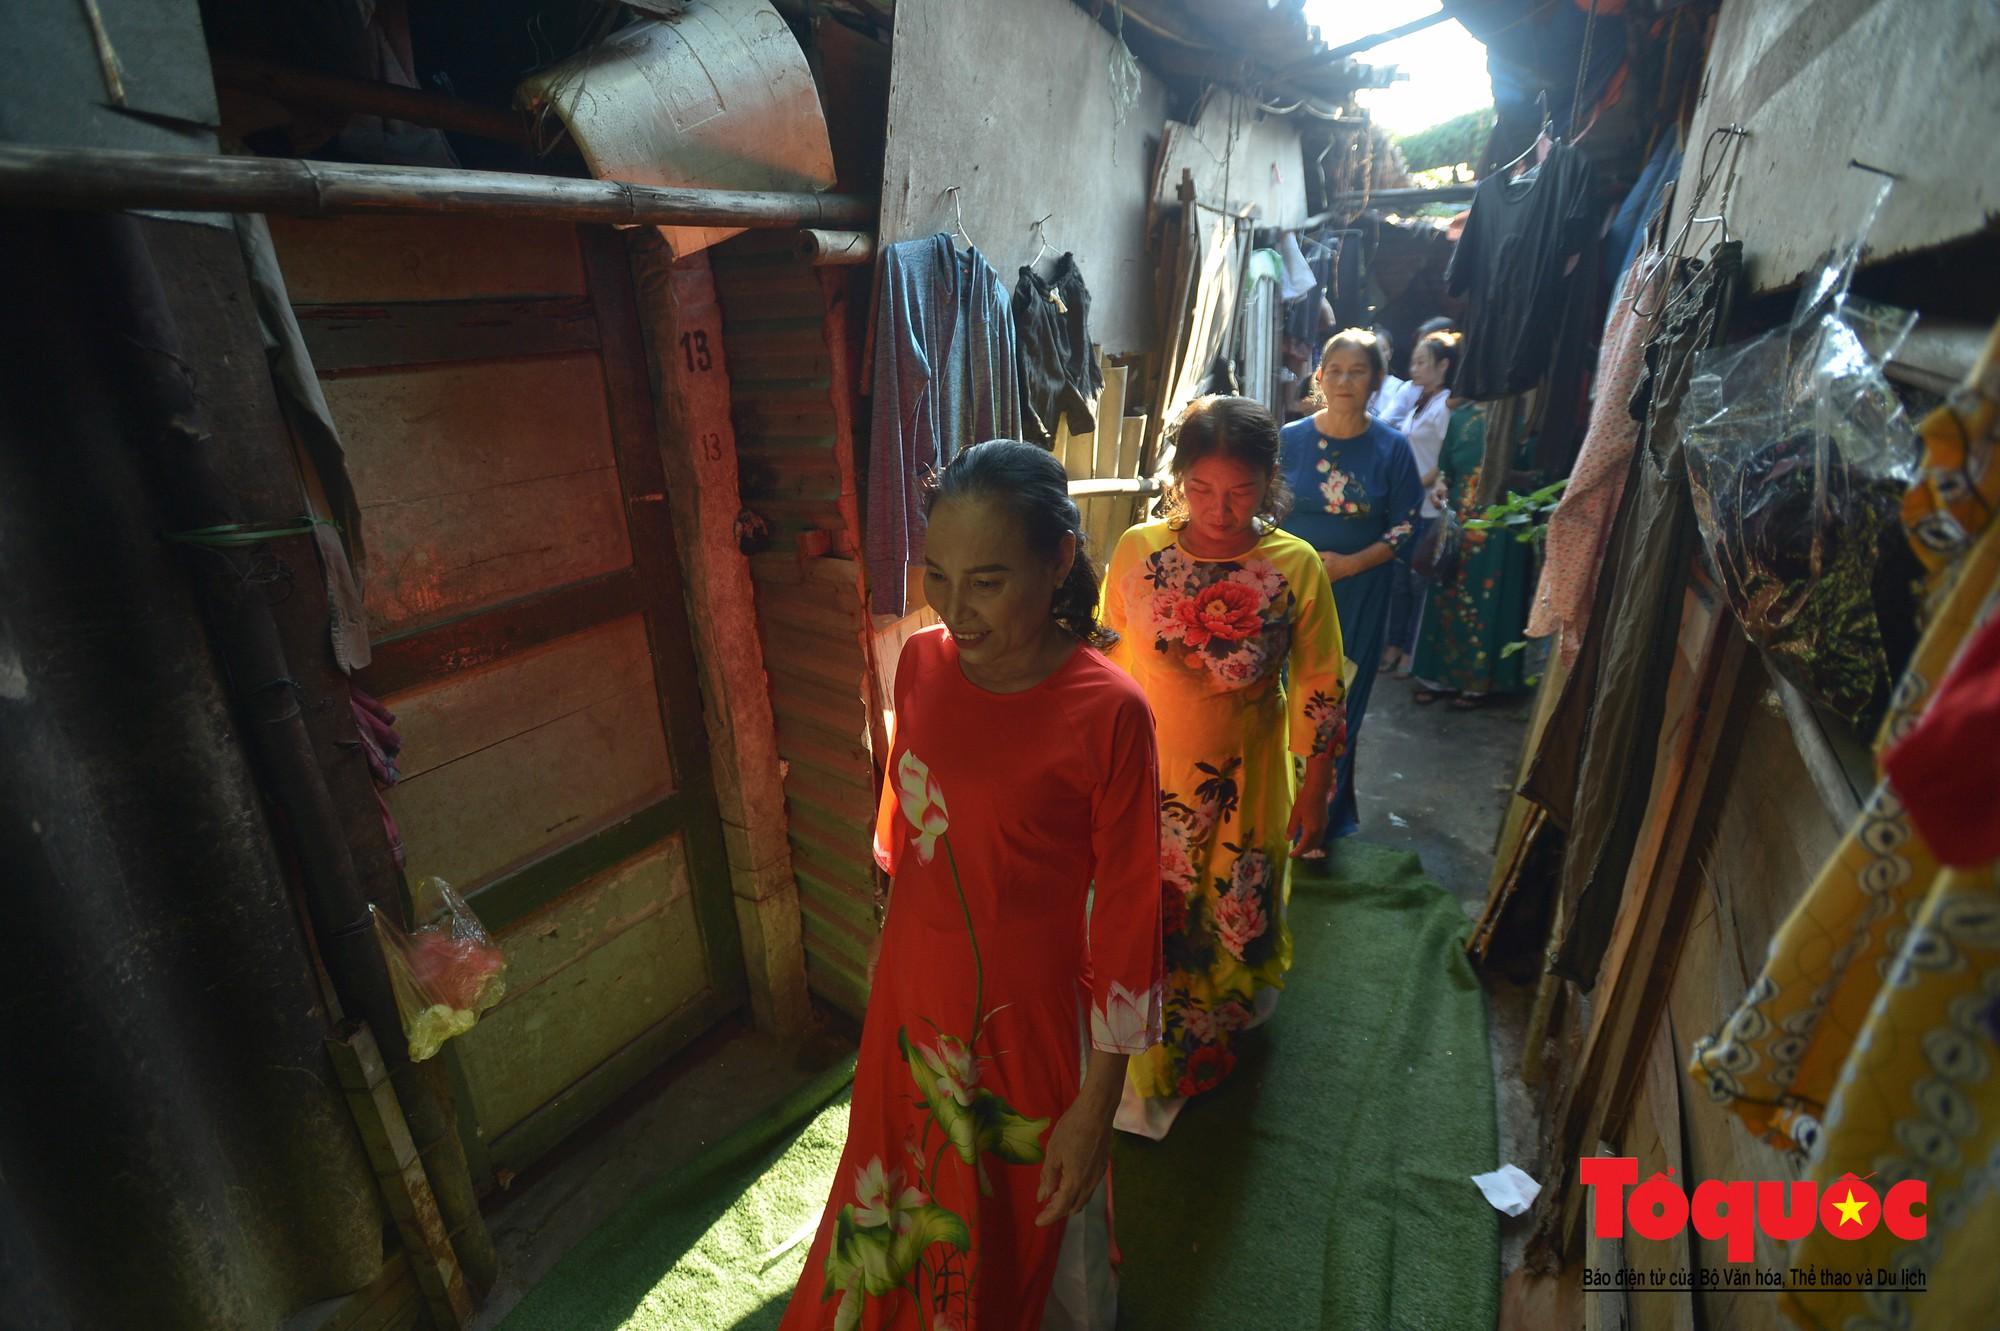 Ngày đẹp nhất của những người phụ nữ nghèo xóm ve chai (8)